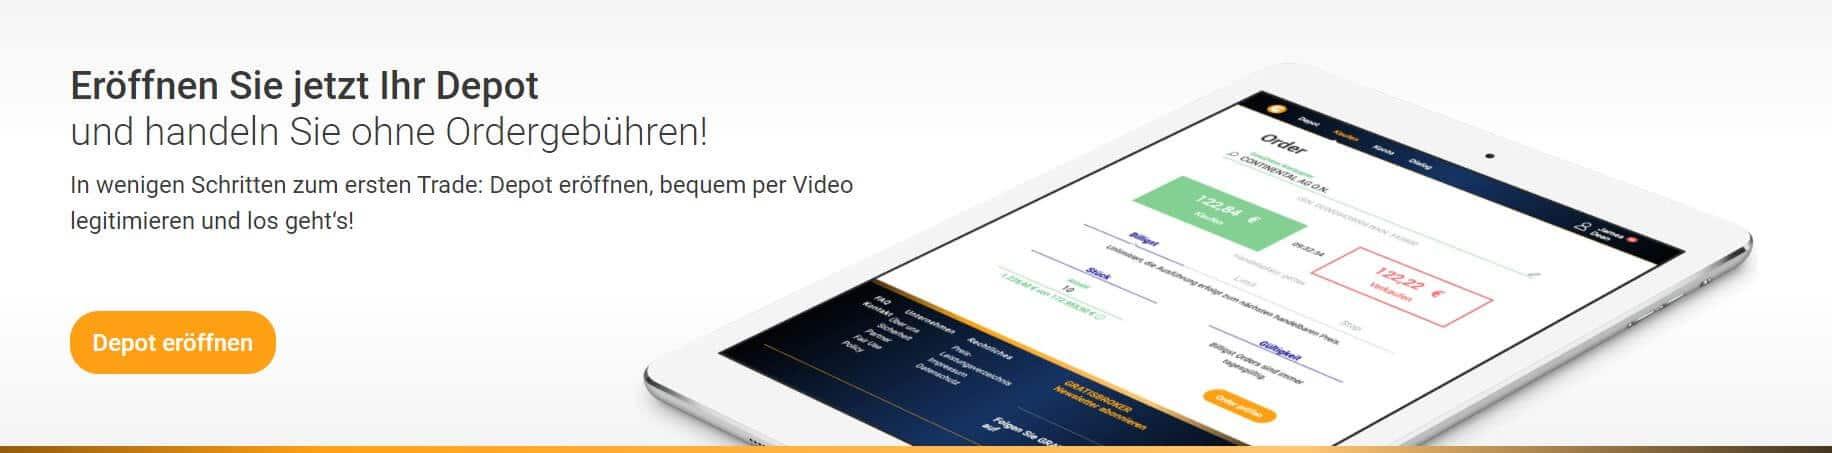 Gratisbroker App